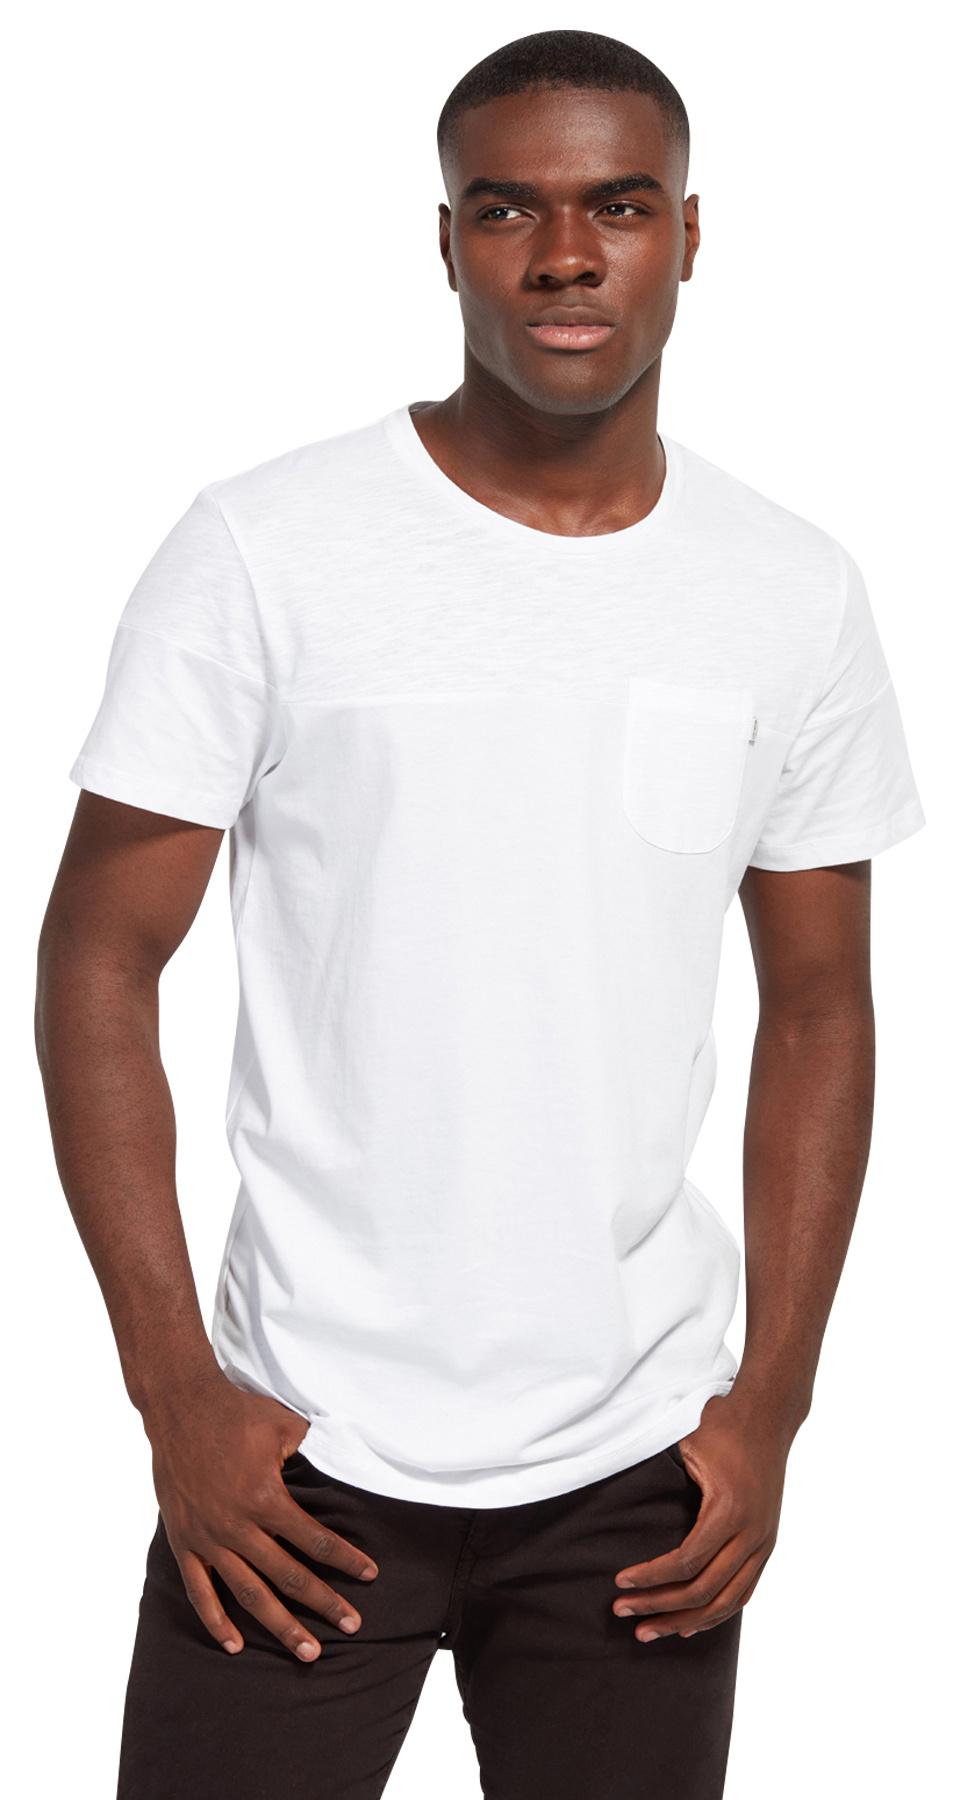 Tom Tailor triko s kapsičkou 10385930071/2000 Bílá XXL